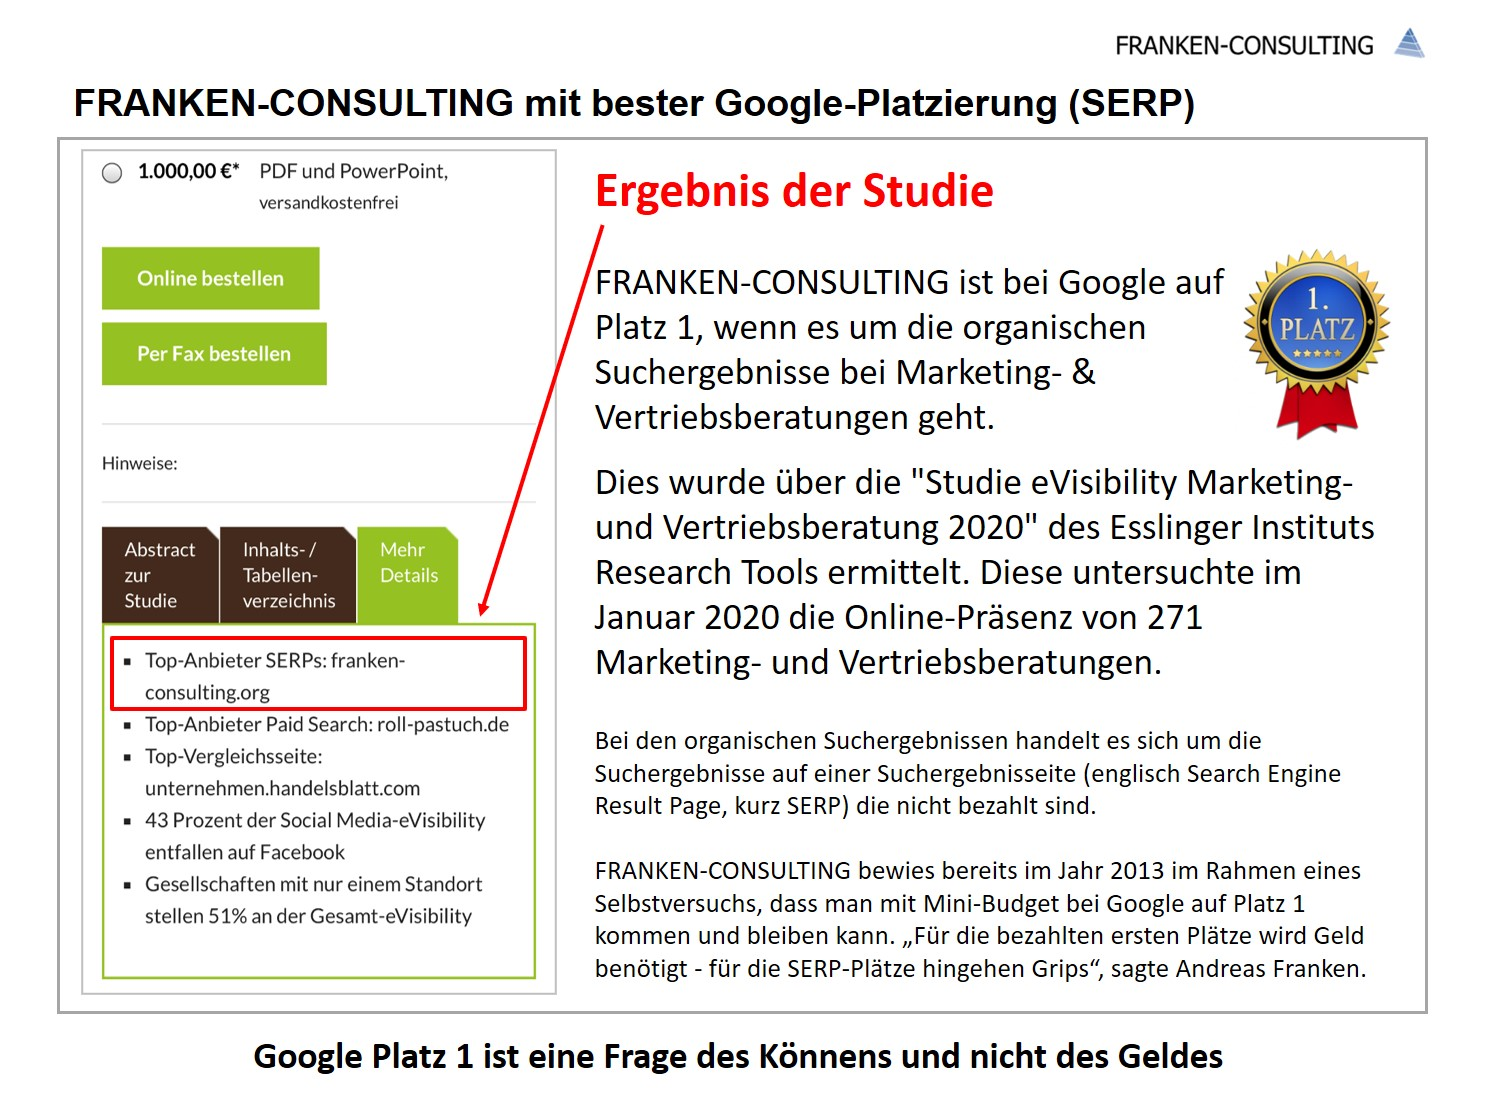 FRANKEN-CONSULTING Unternehmensberatung Strategie, Marketing, Vertrieb bei Google auf Platz 1